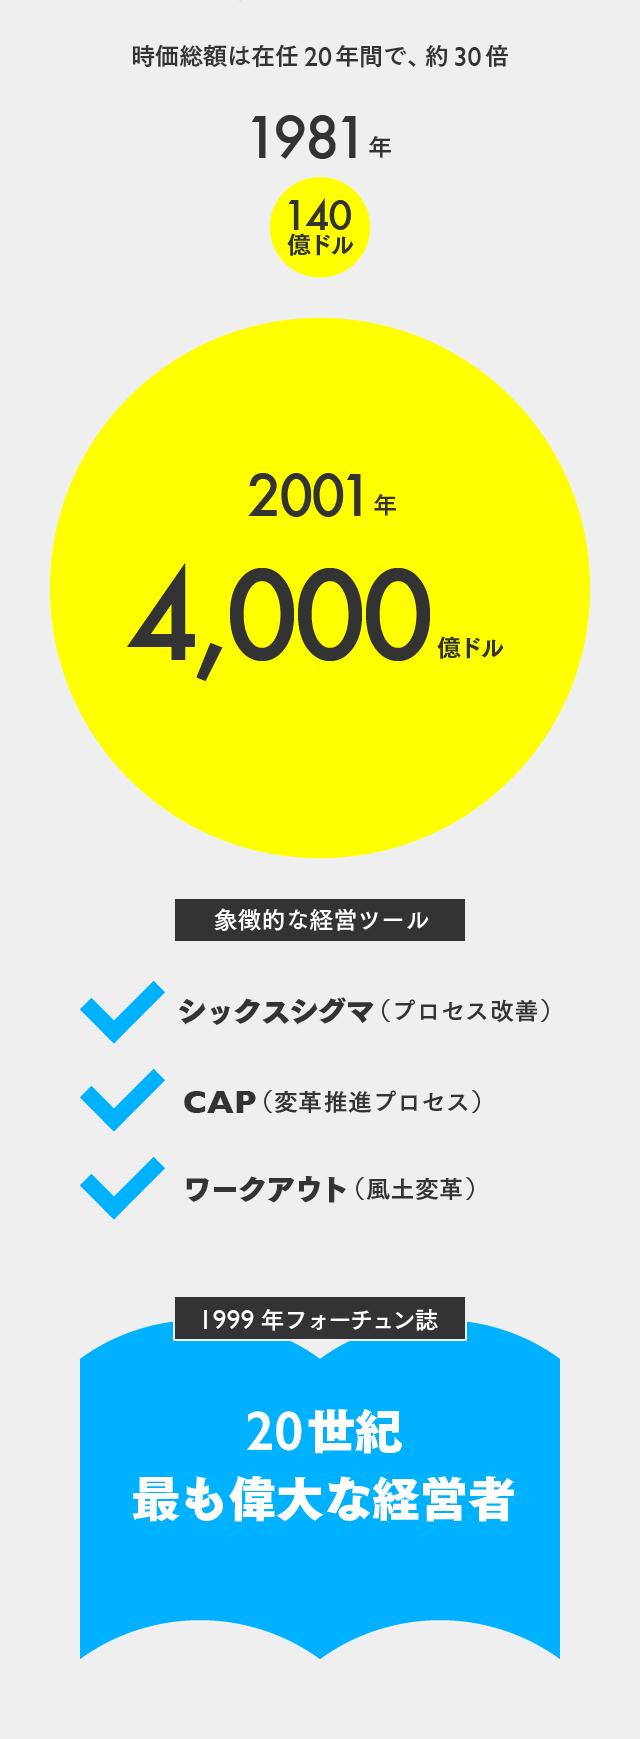 【マスター】GEインフォグラフィック_20150923-09